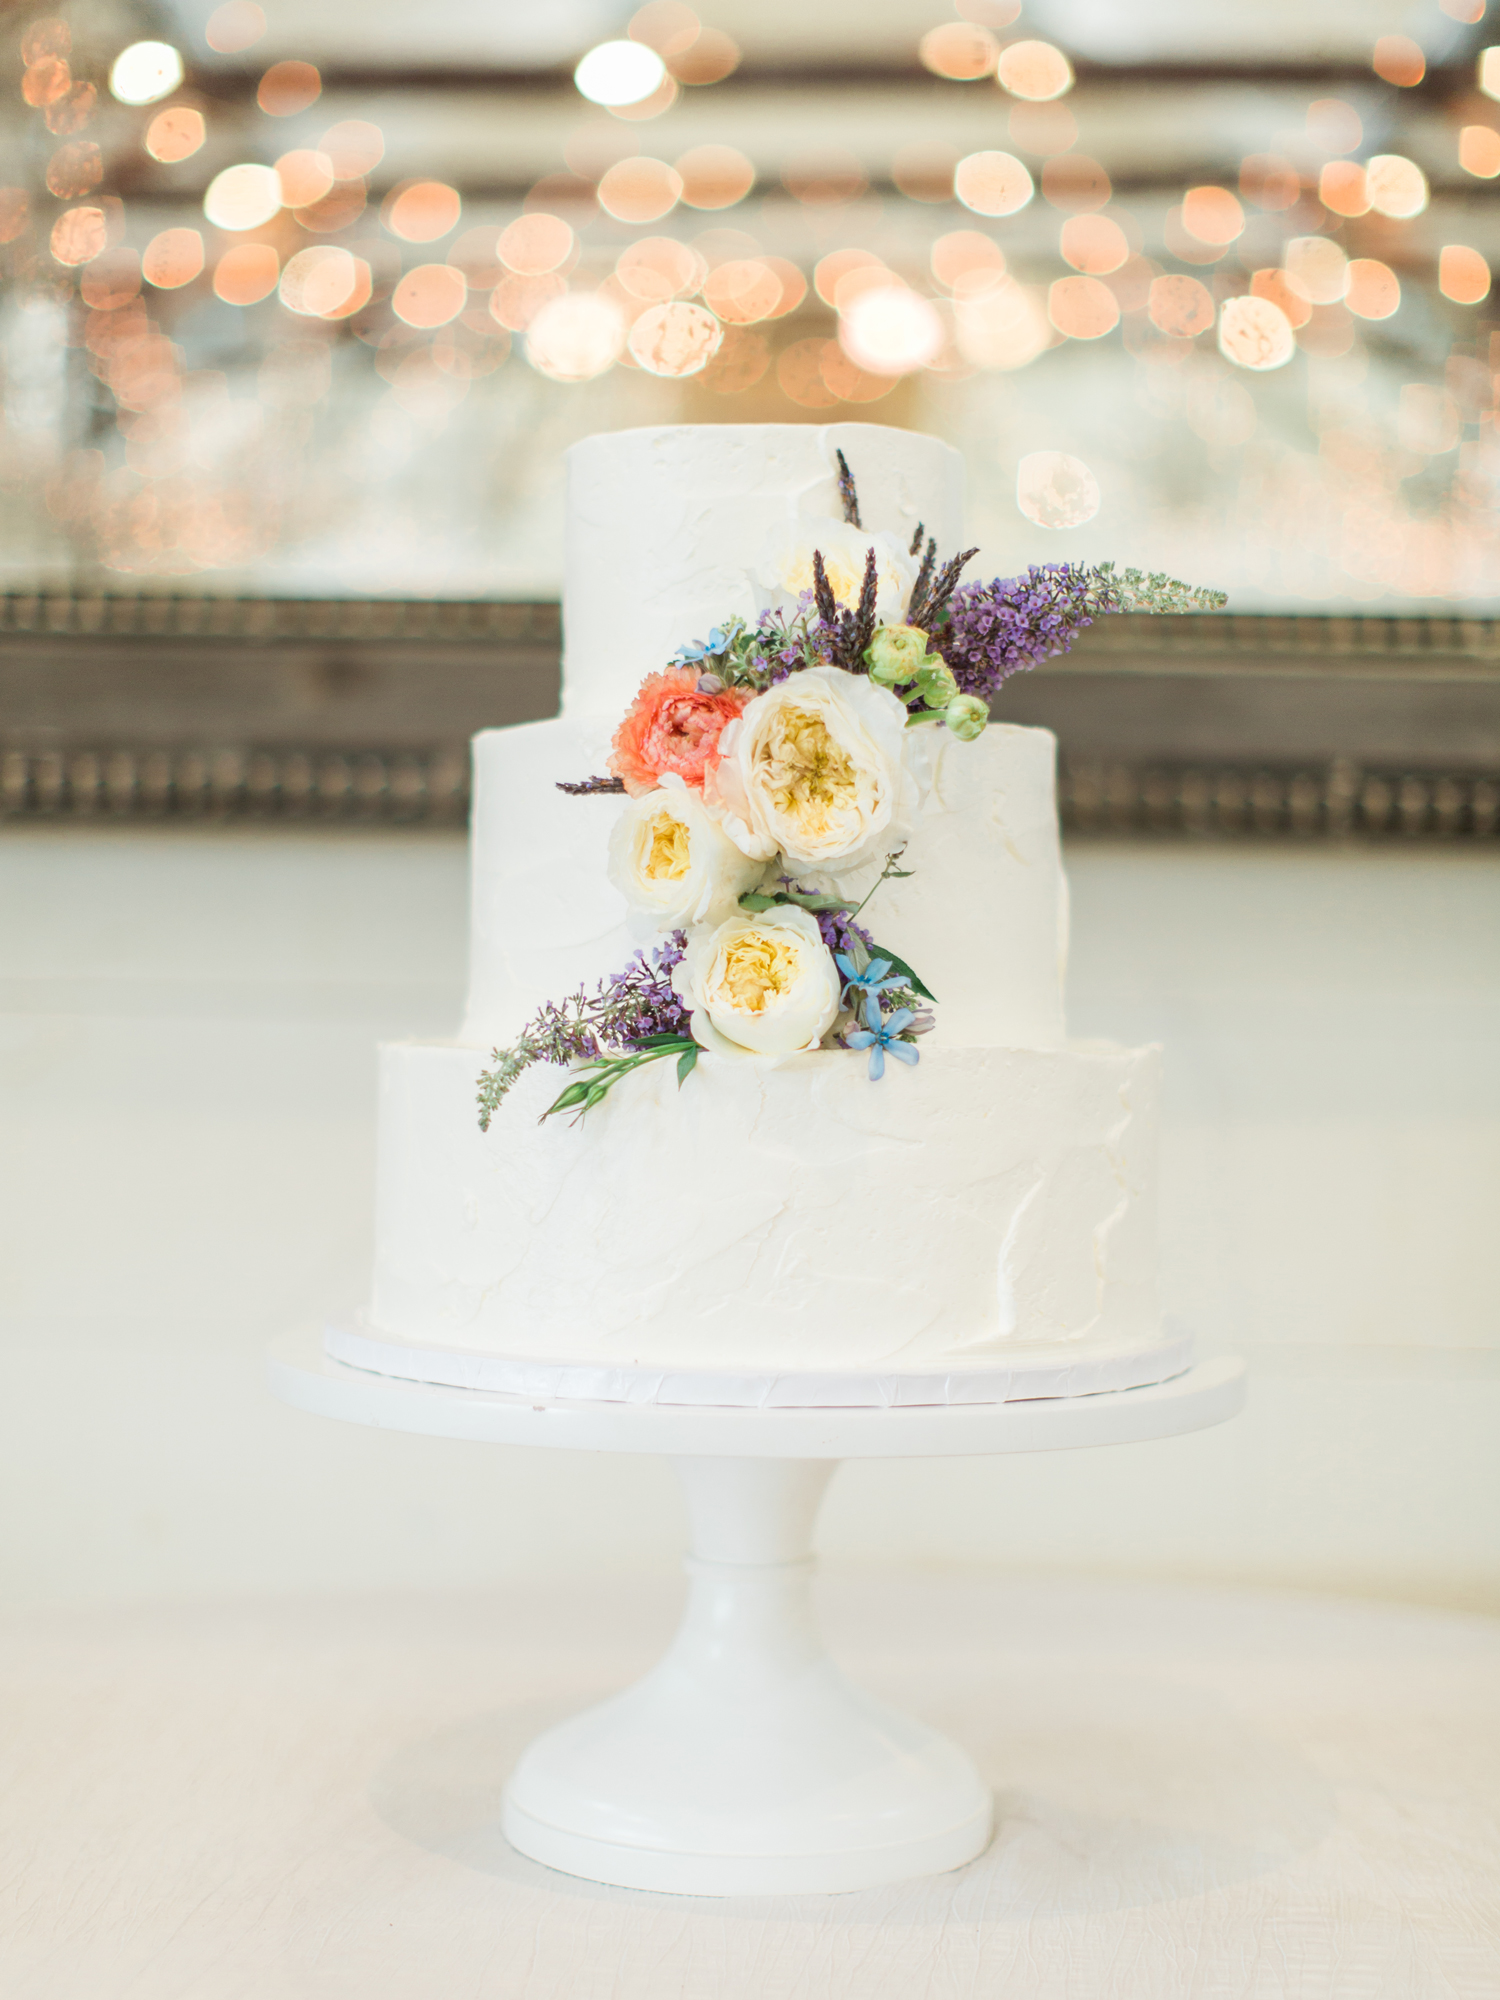 buttercream wedding cakes rachel may